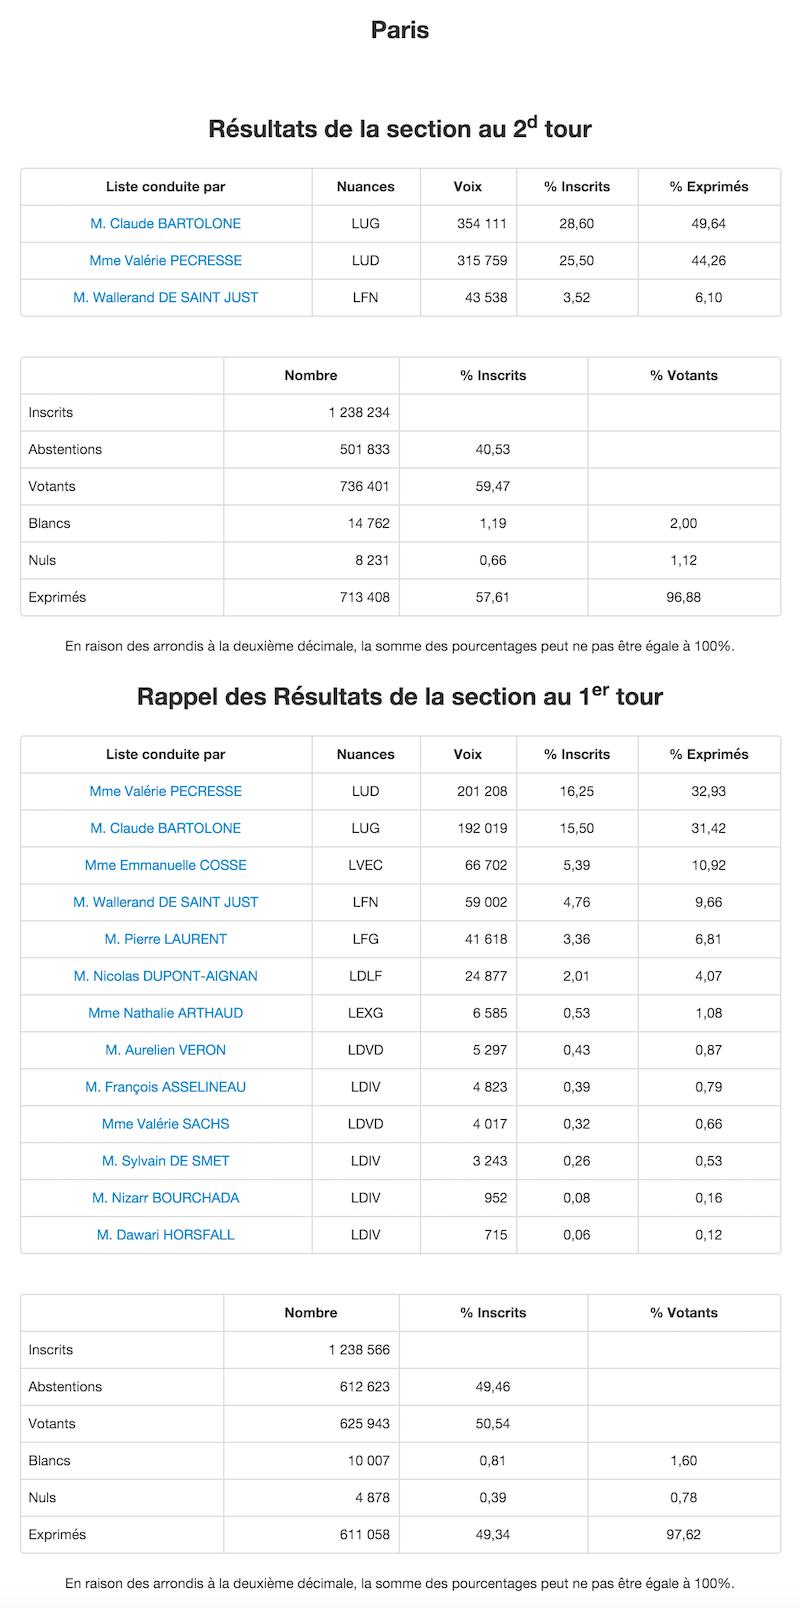 Régionales 2015 et 2010 dans le 8e arrondissement de Paris